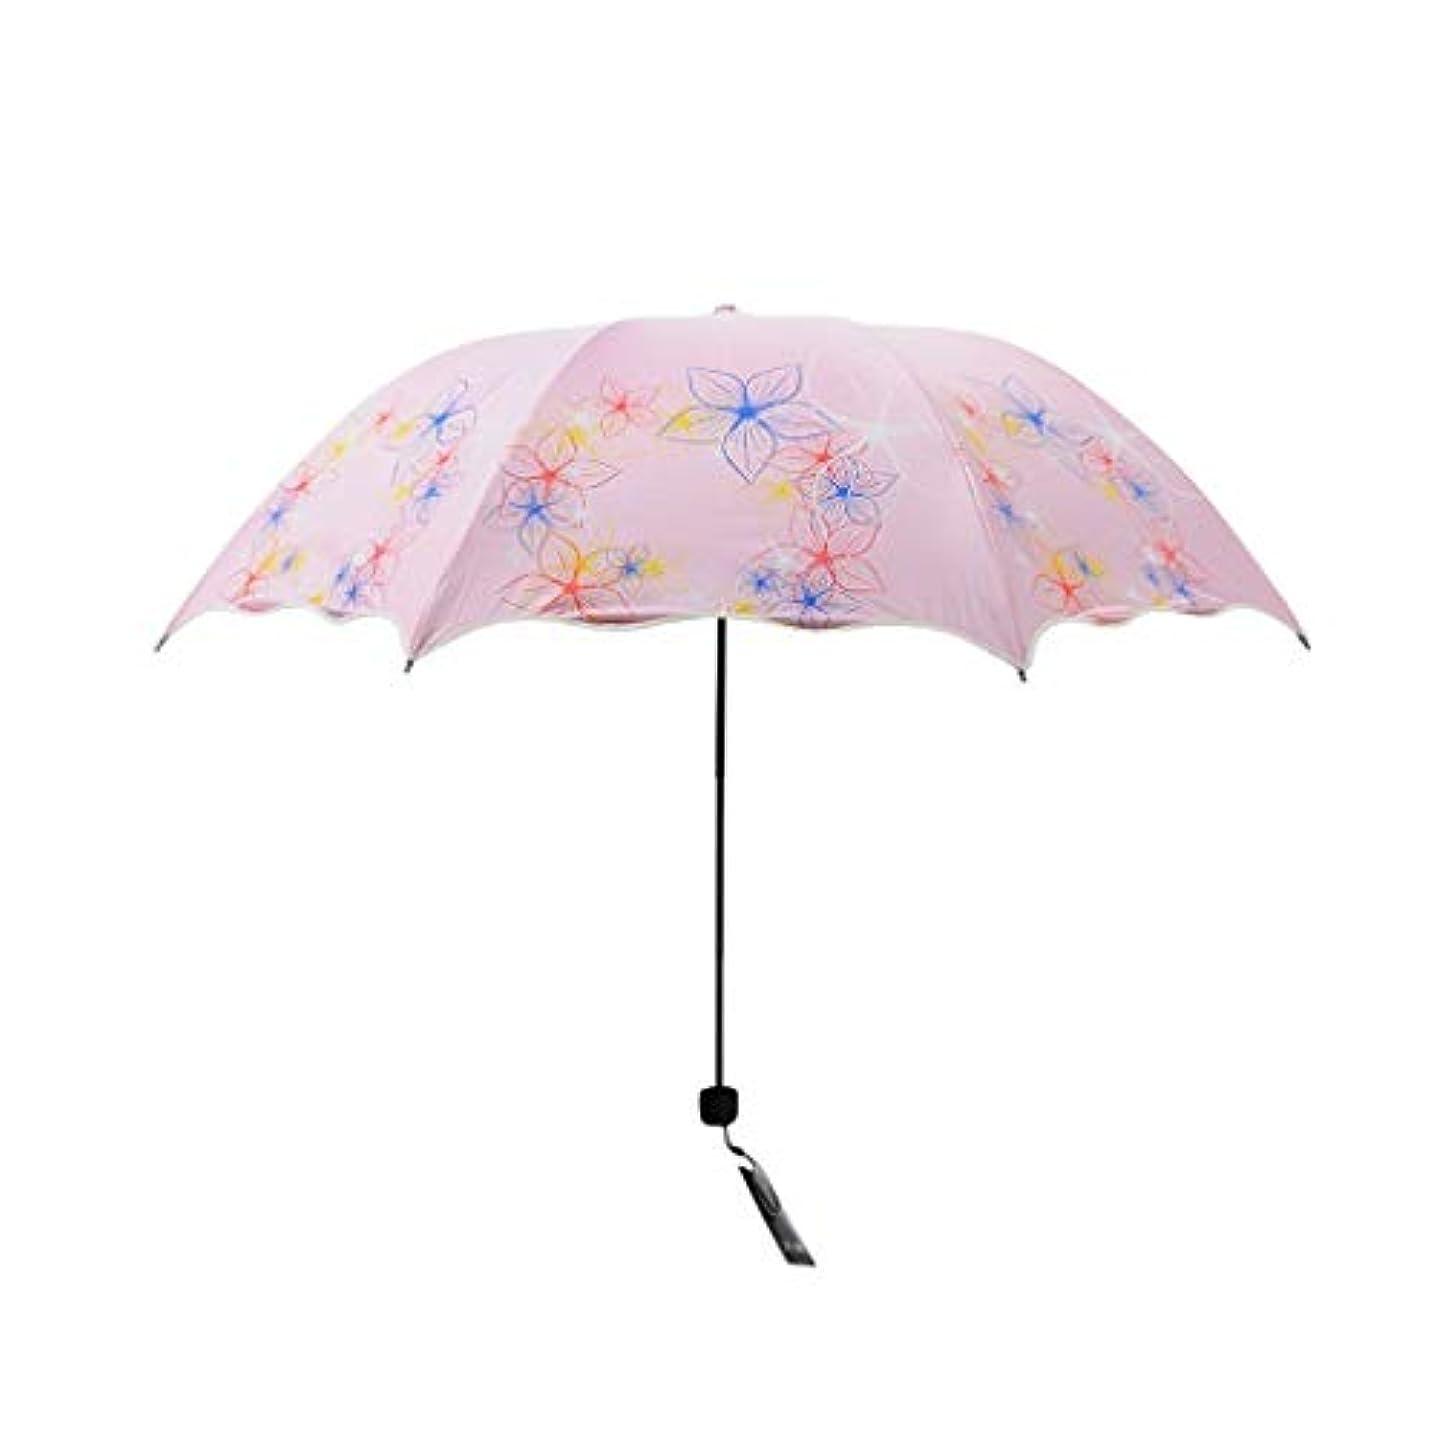 スプリット発火するアヒルPy 傘ミニコンパクト日焼け止め抗UV傘デュアルユース折りたたみ傘小さな新鮮な